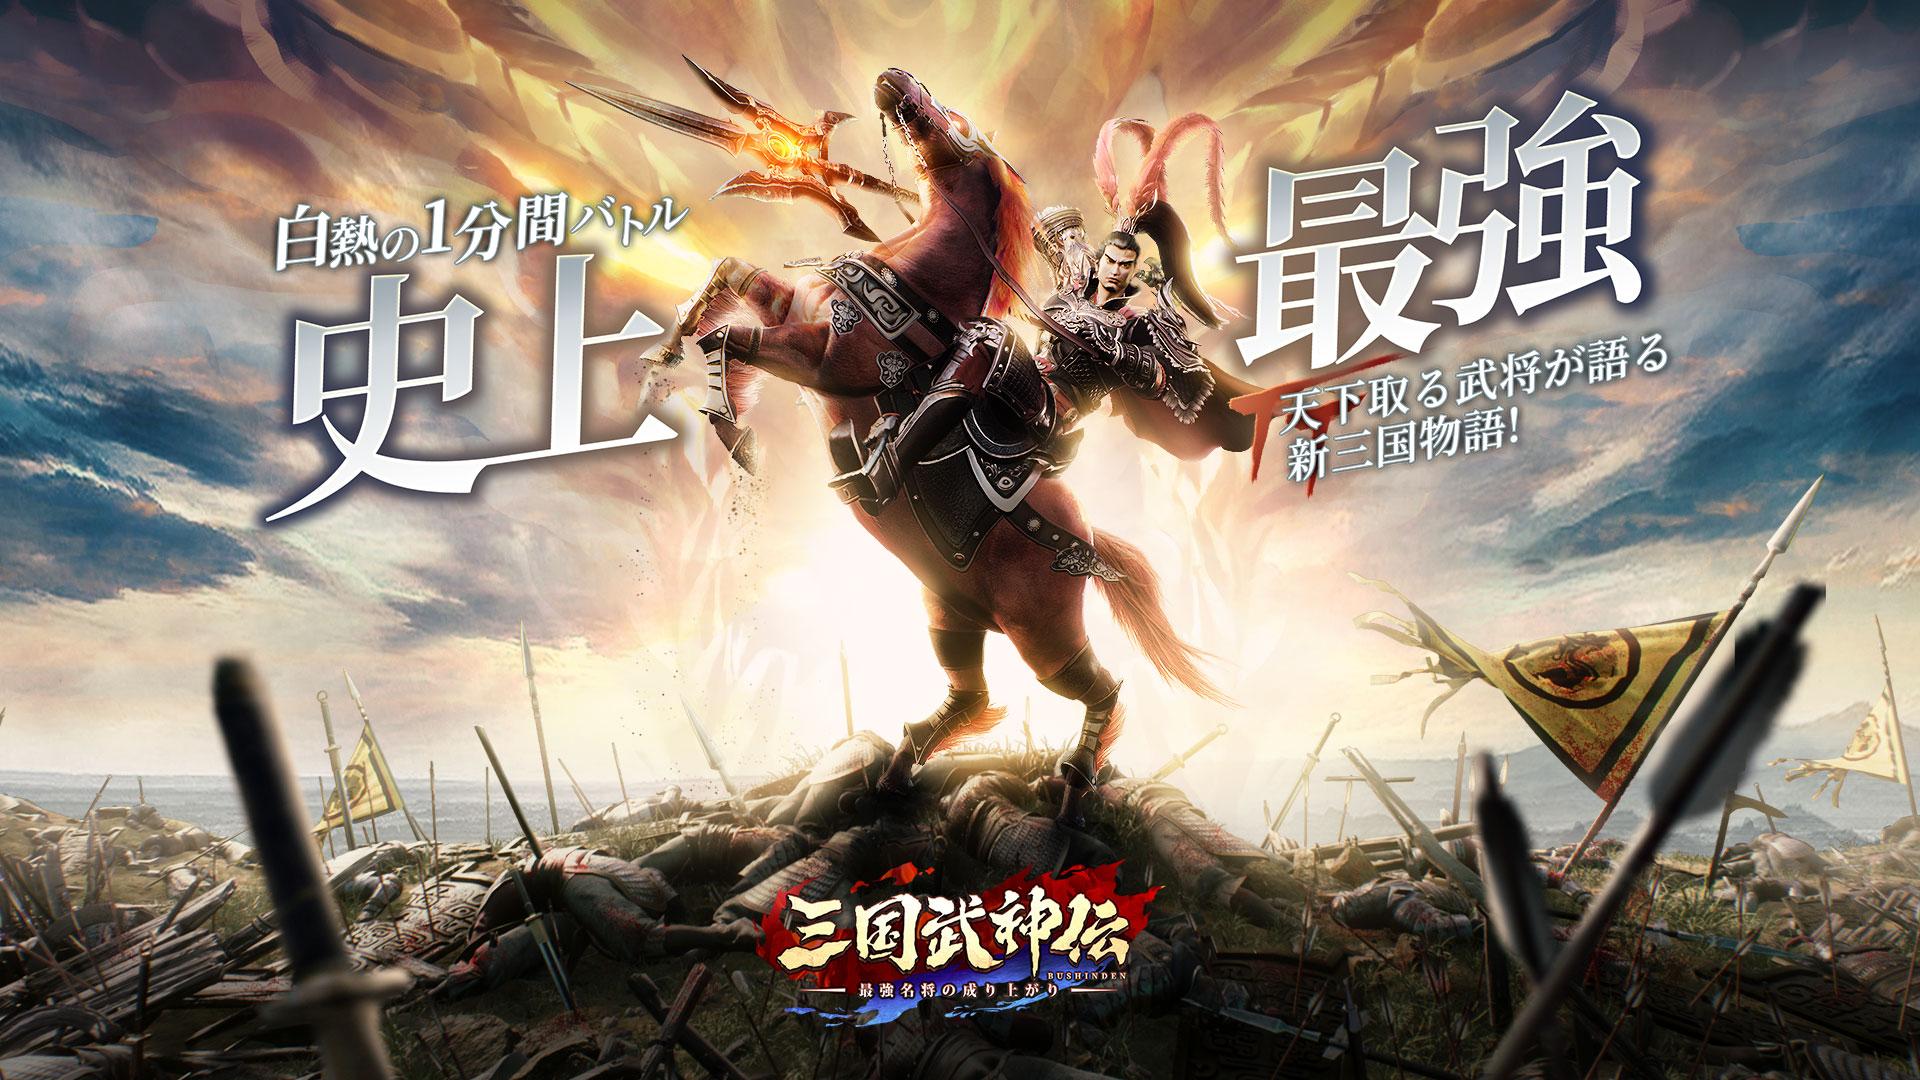 【三国武神伝】いま勢いに乗るカジュアル三国志RPGの魅力に迫る!